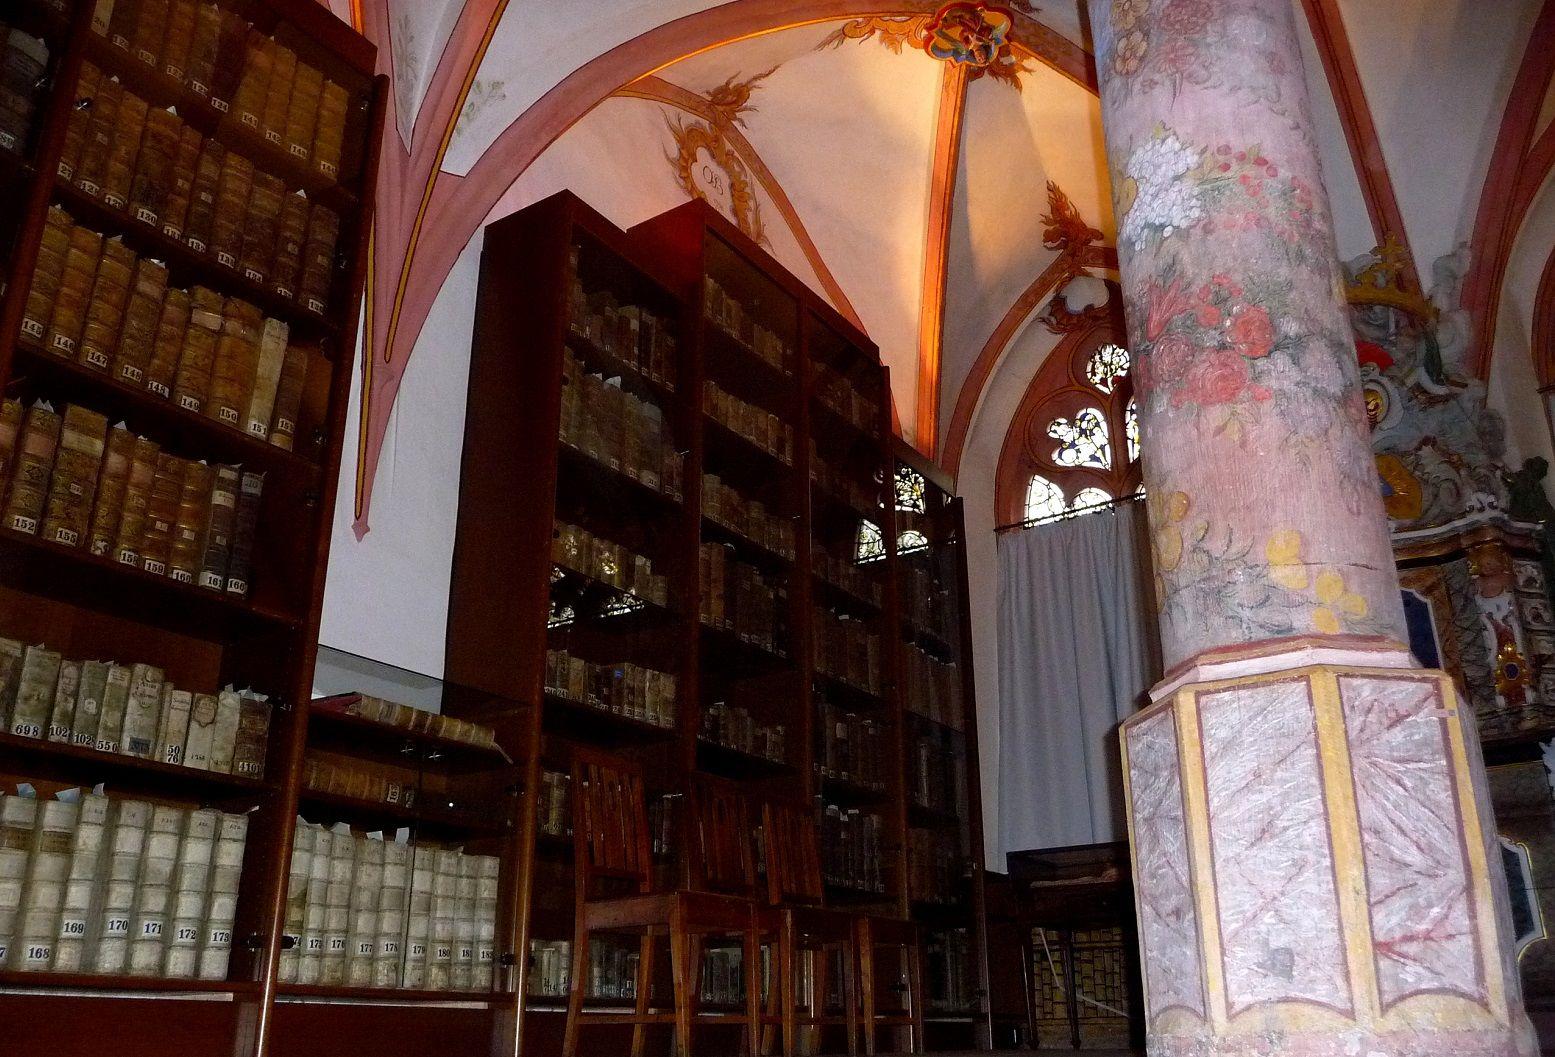 Cusanusstift, Bibliothek